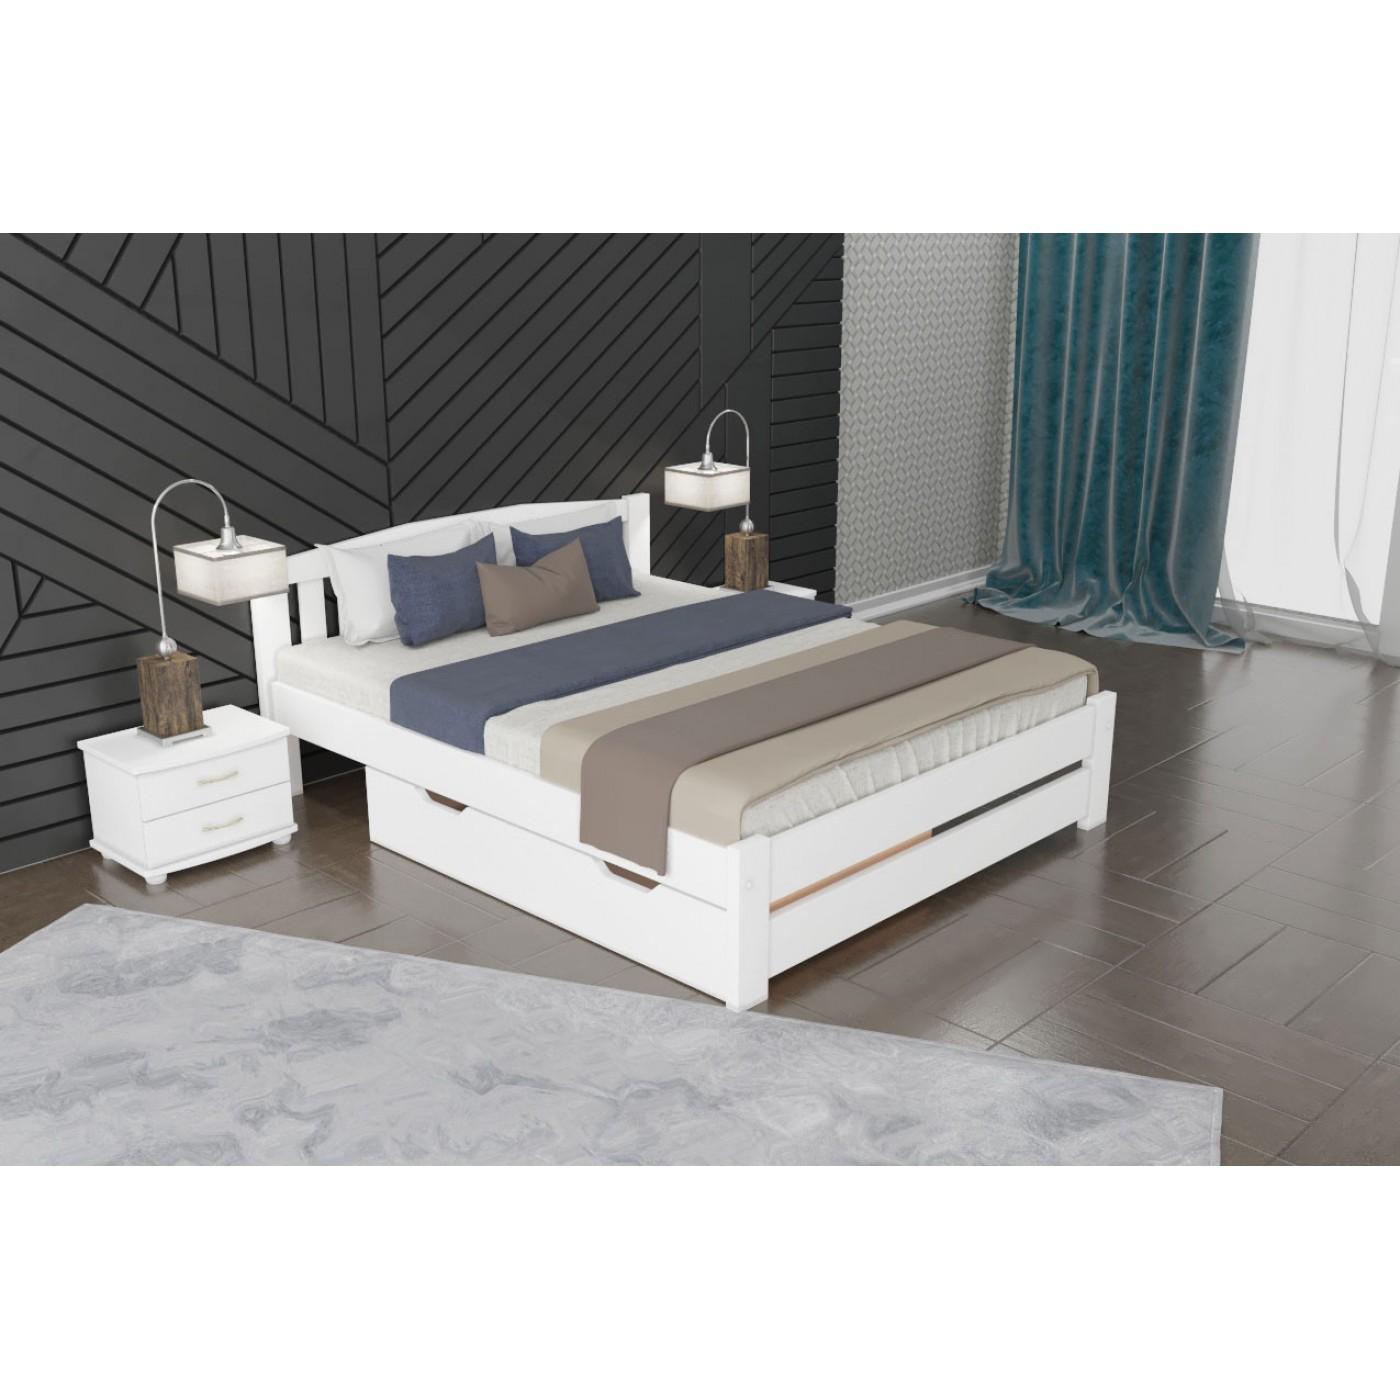 Кровать «Альфа-4» без ящиков